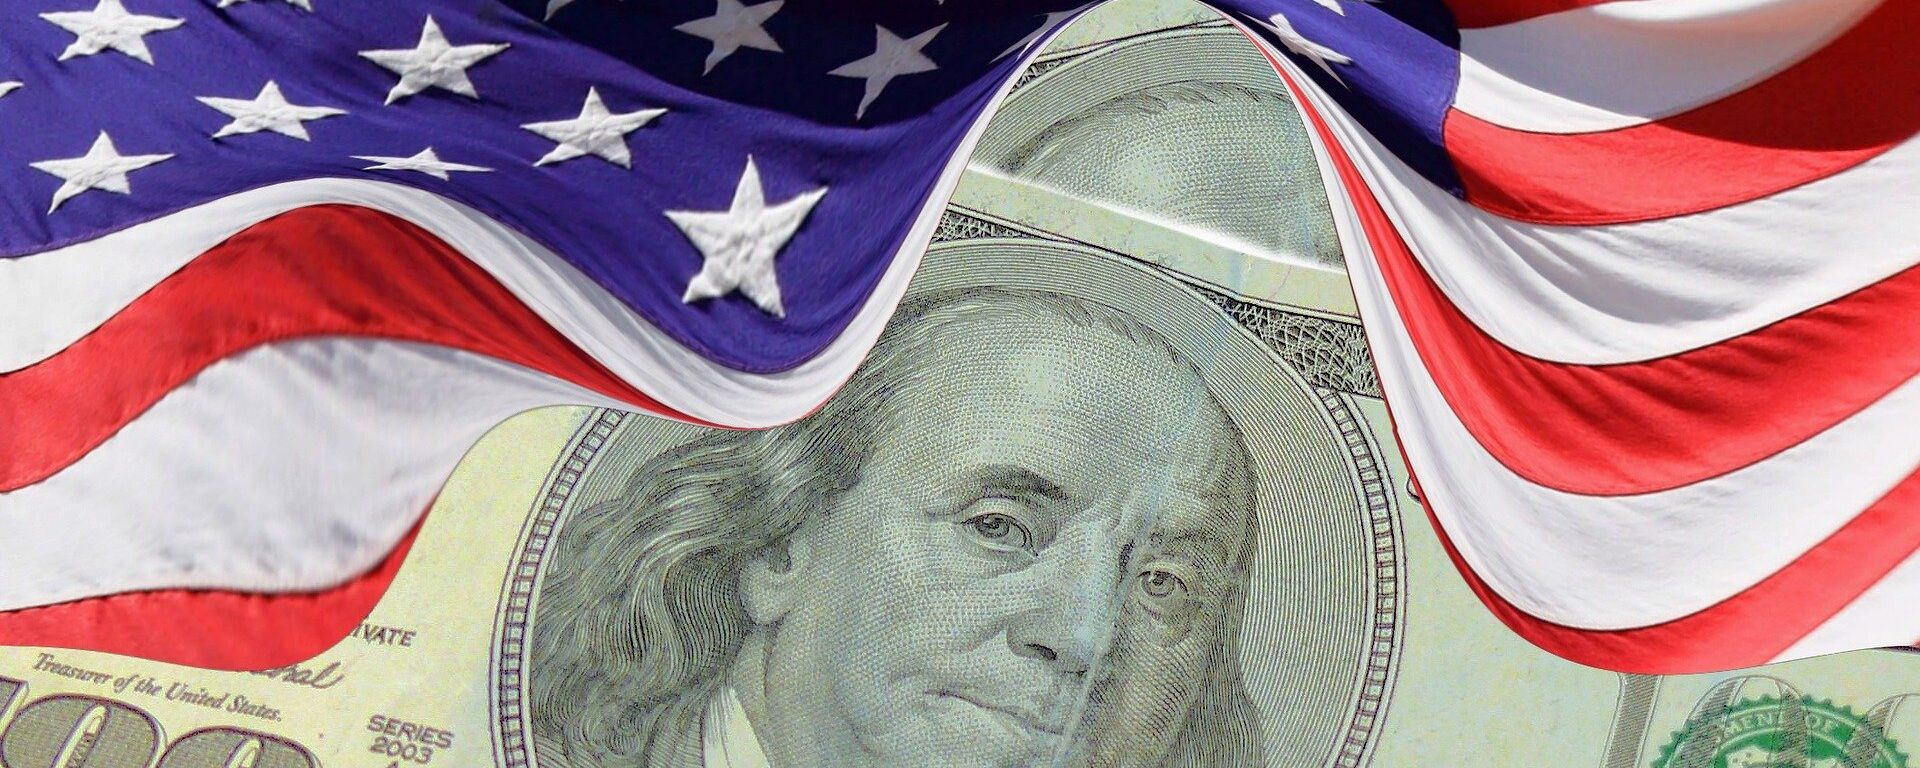 El dólar (moneda de EEUU) y la bandera estadounidense - Sputnik Mundo, 1920, 02.08.2021